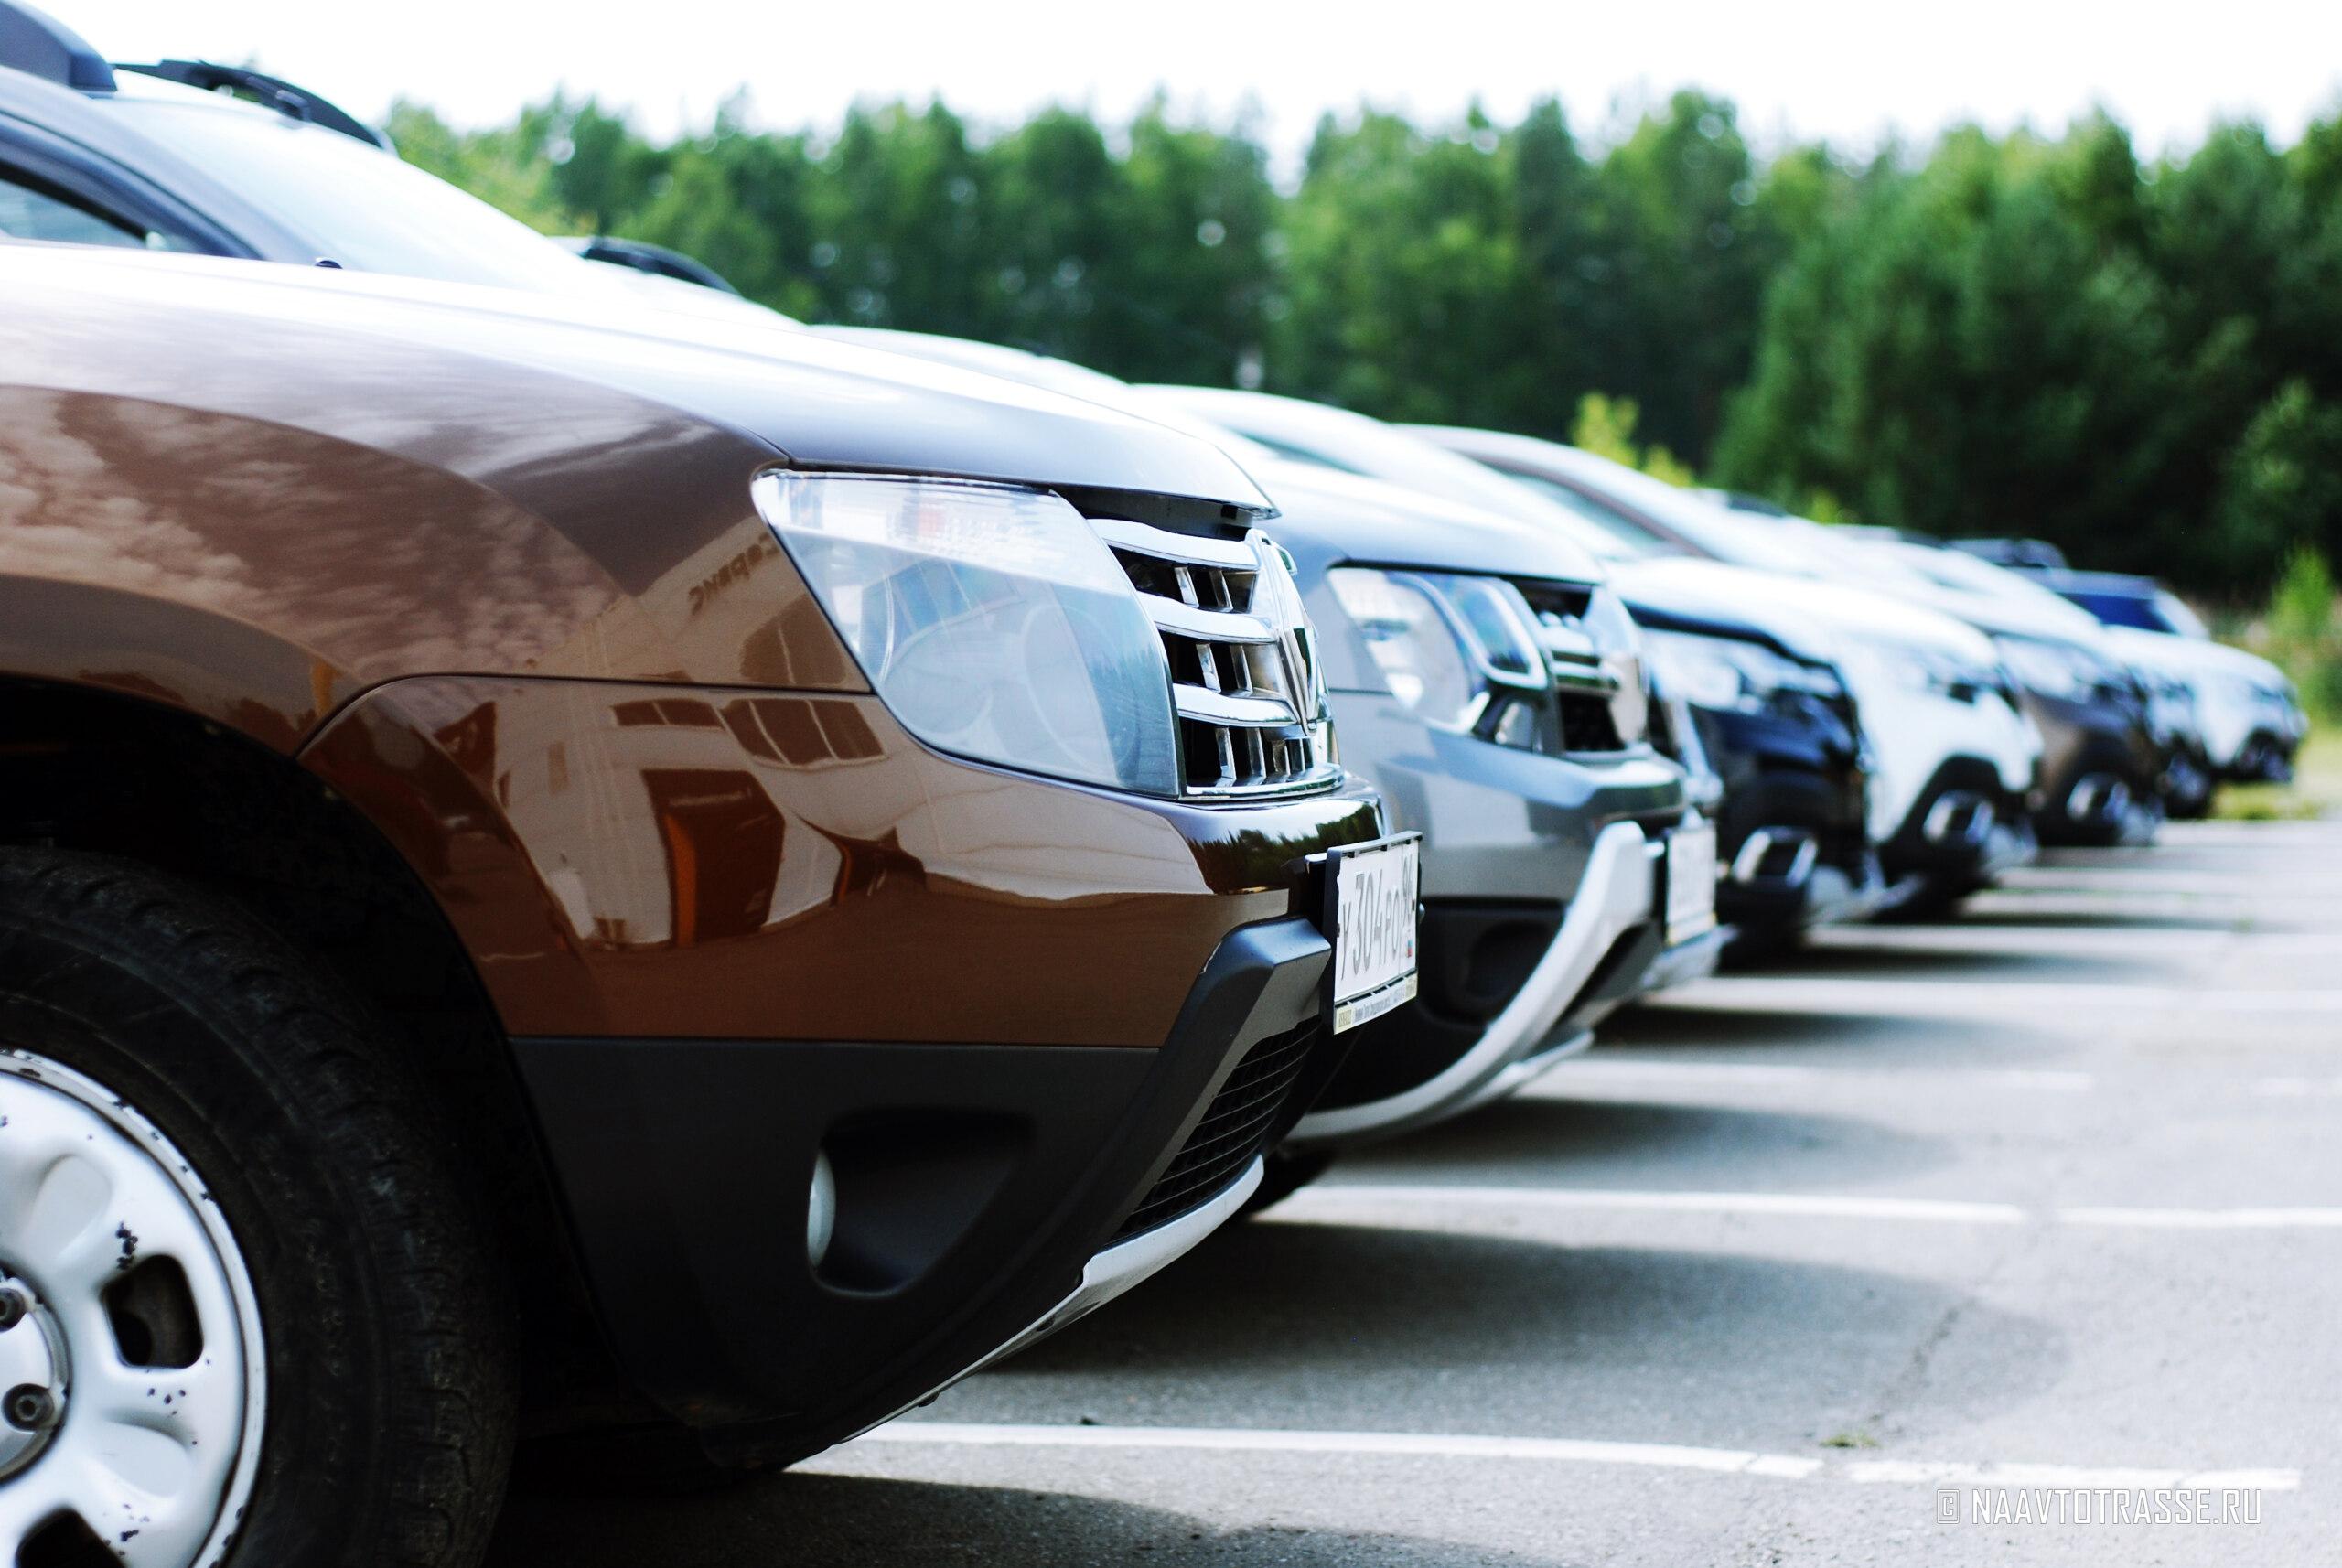 В России стали применять новую схему «развода» при покупке автомобиля. В ней замешаны сотрудники банков